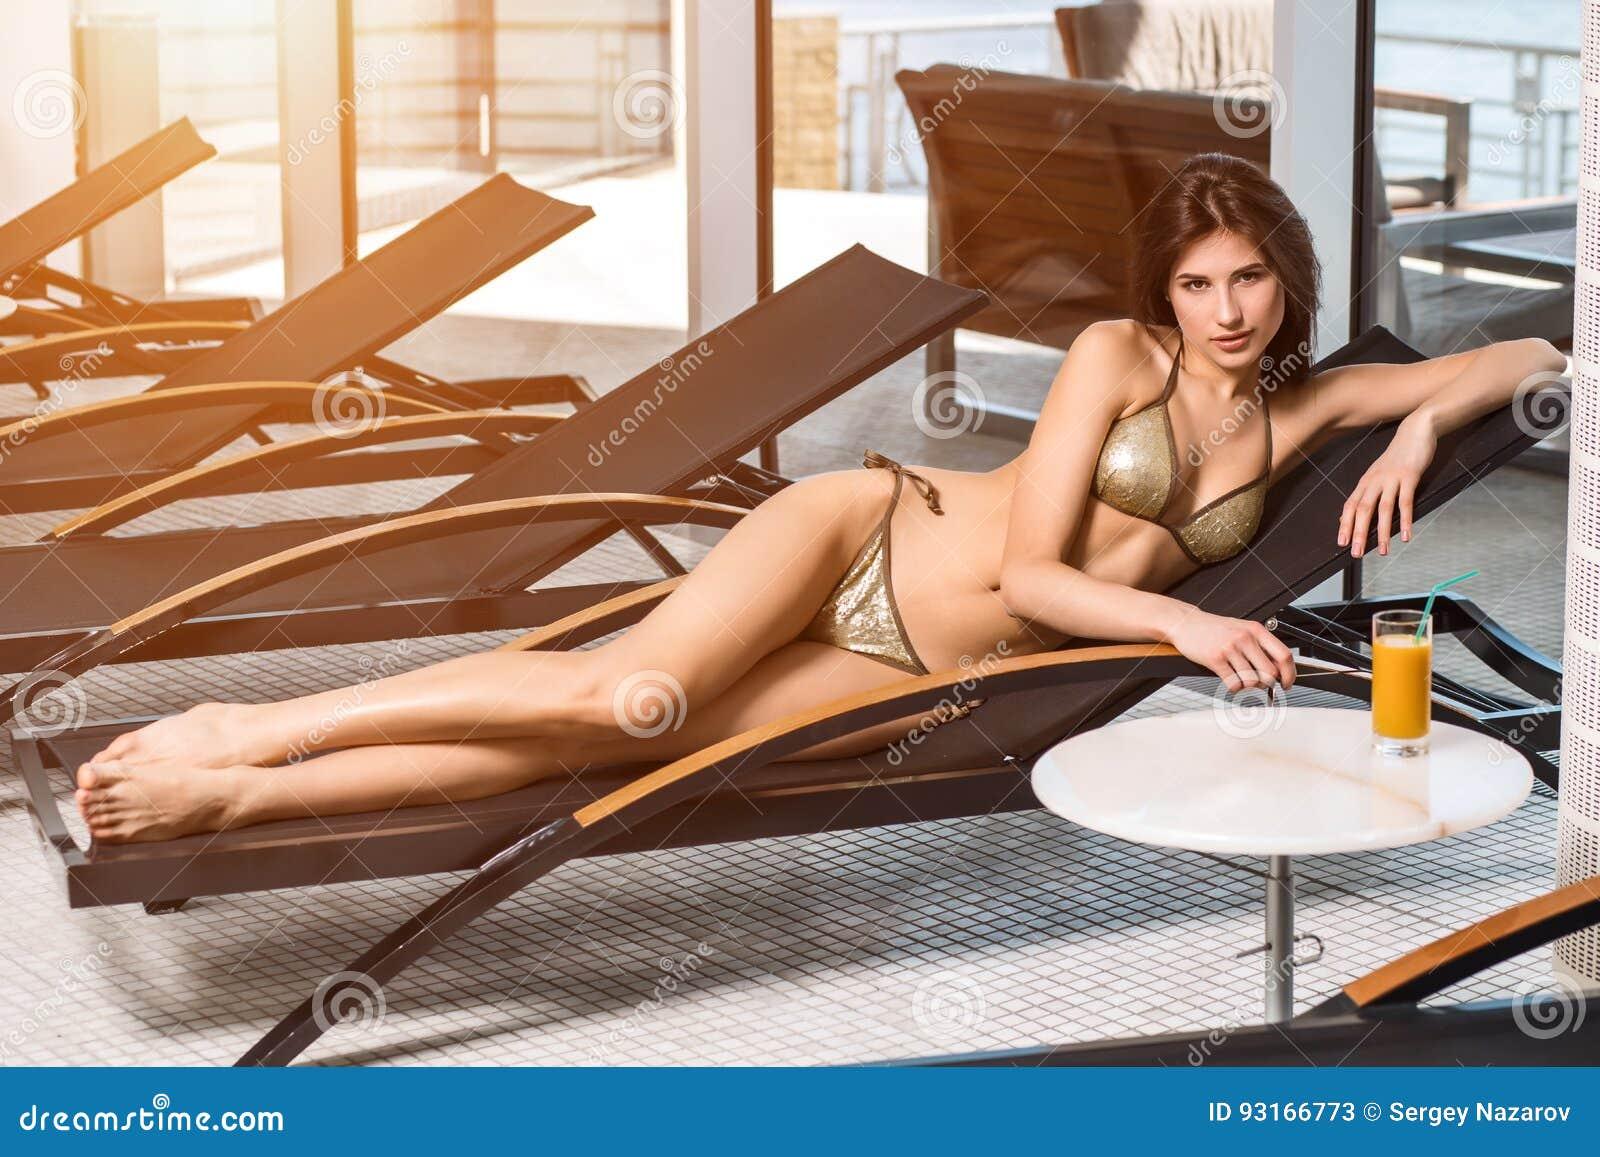 женщина воды спы здоровья ноги внимательности тела Женщина с совершенным телом в бикини лежа на deckchair бассейном